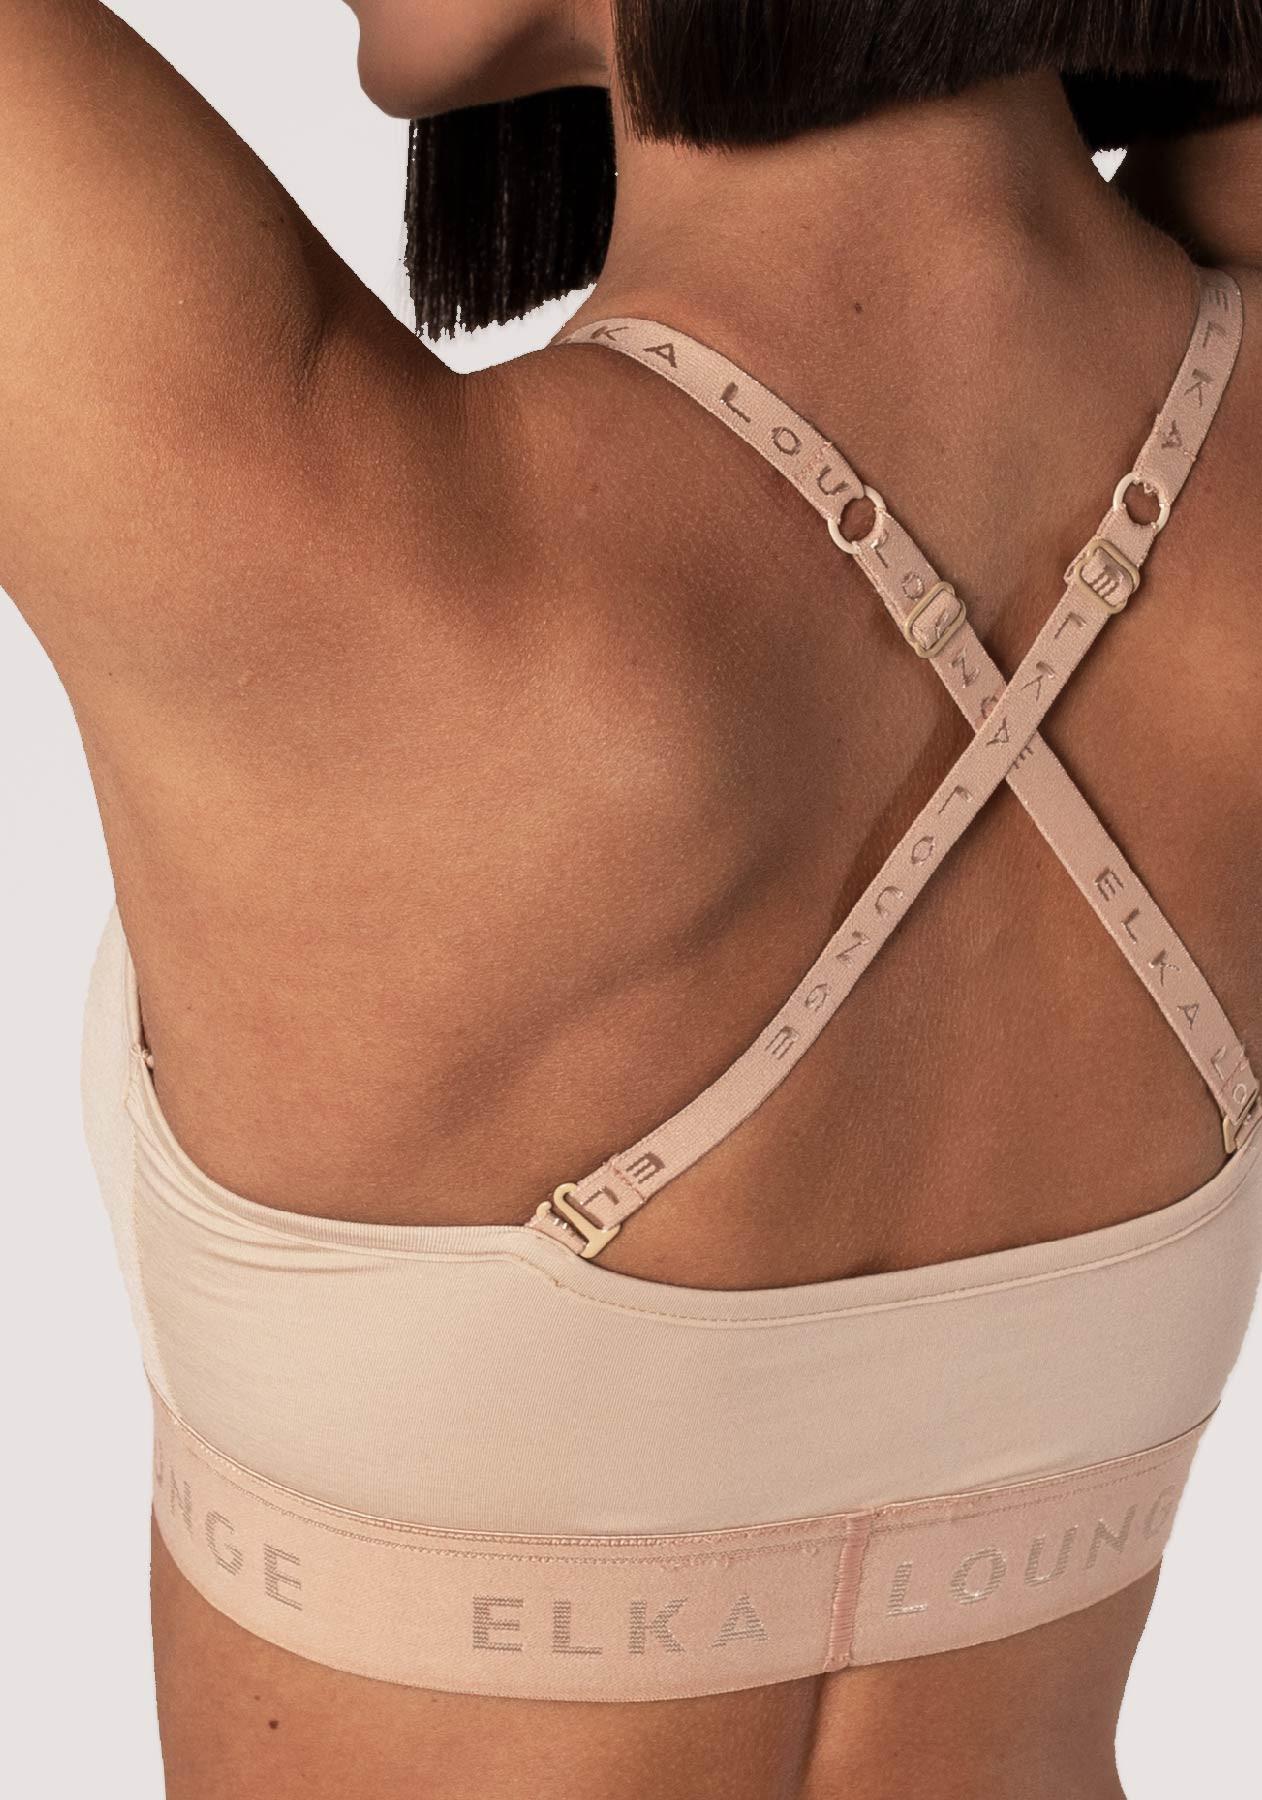 Women-bras-ELKA-Lounge-W00557